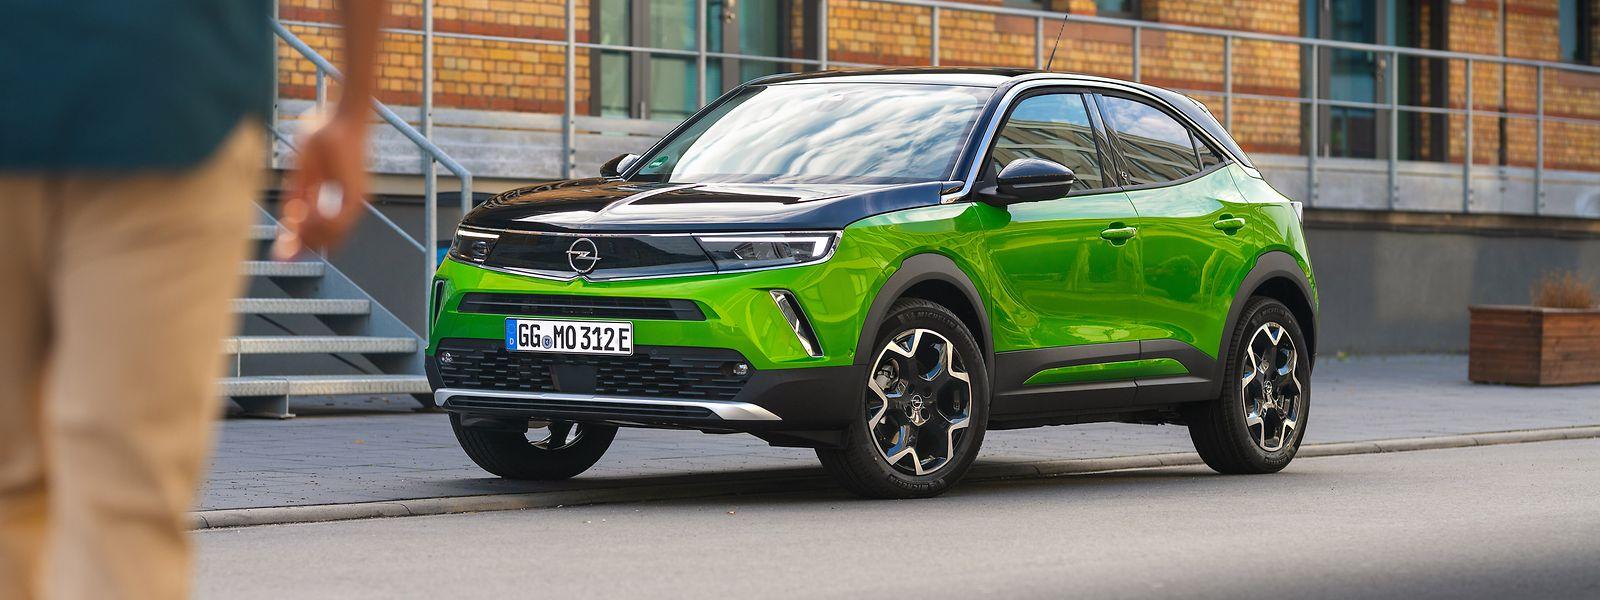 Als grüner Ritter, der sich mit einem Visier gegen Umweltgefahren schützt, kämpft der Opel Mokka-e für mehr Elektromobilität.